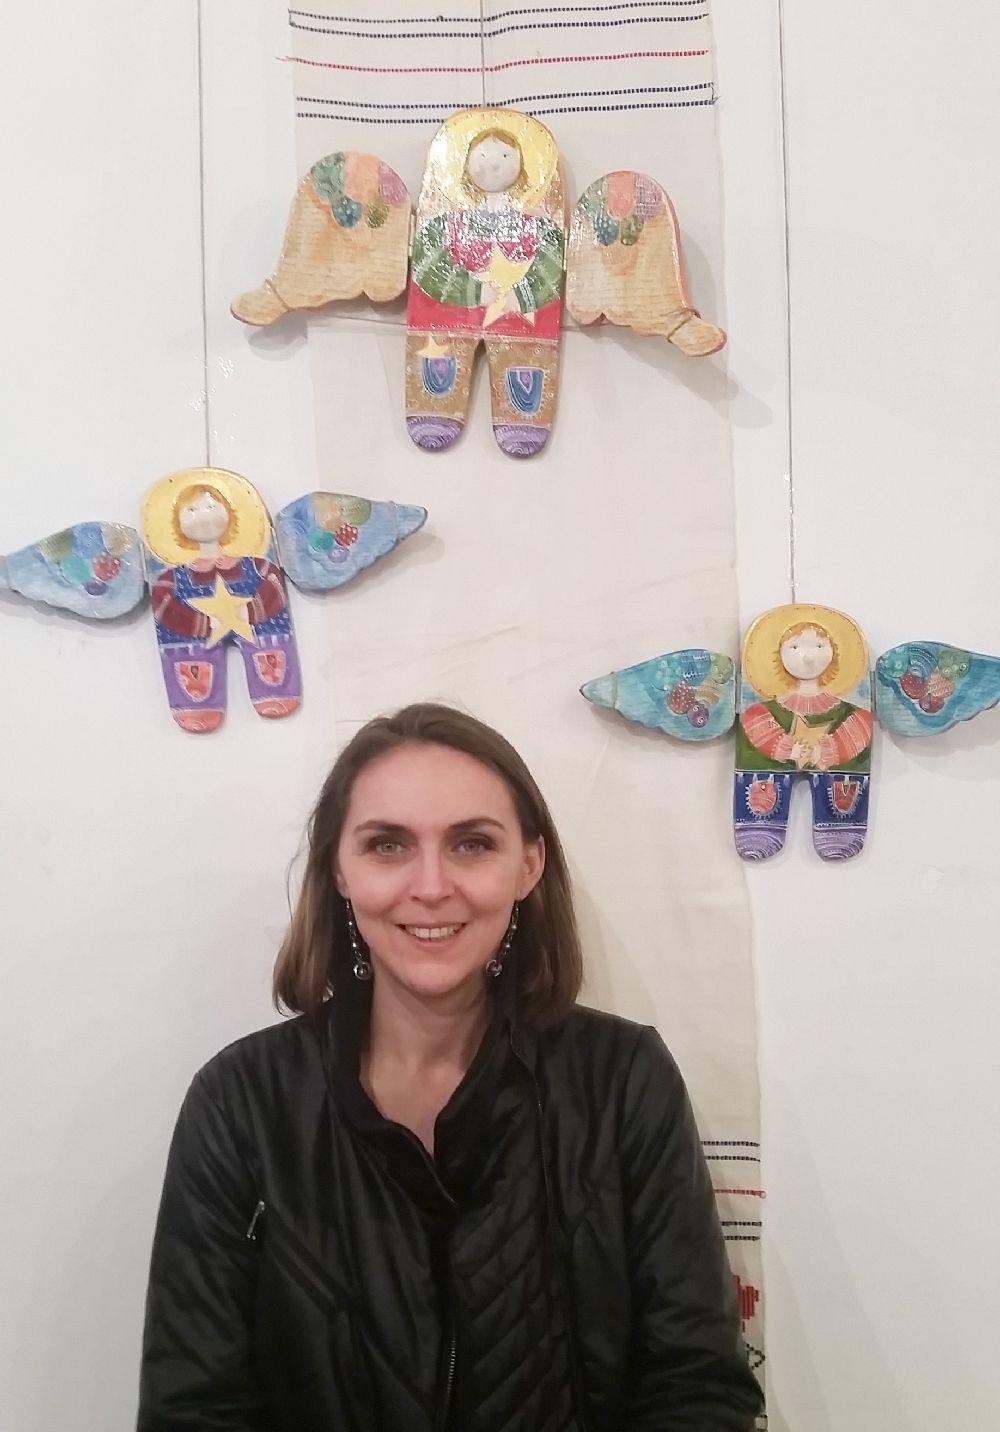 adelaparvu.com despre expozitia Ingerasii din povestea mea, Carturesti Verona, artist Beatrice Iordan (13)